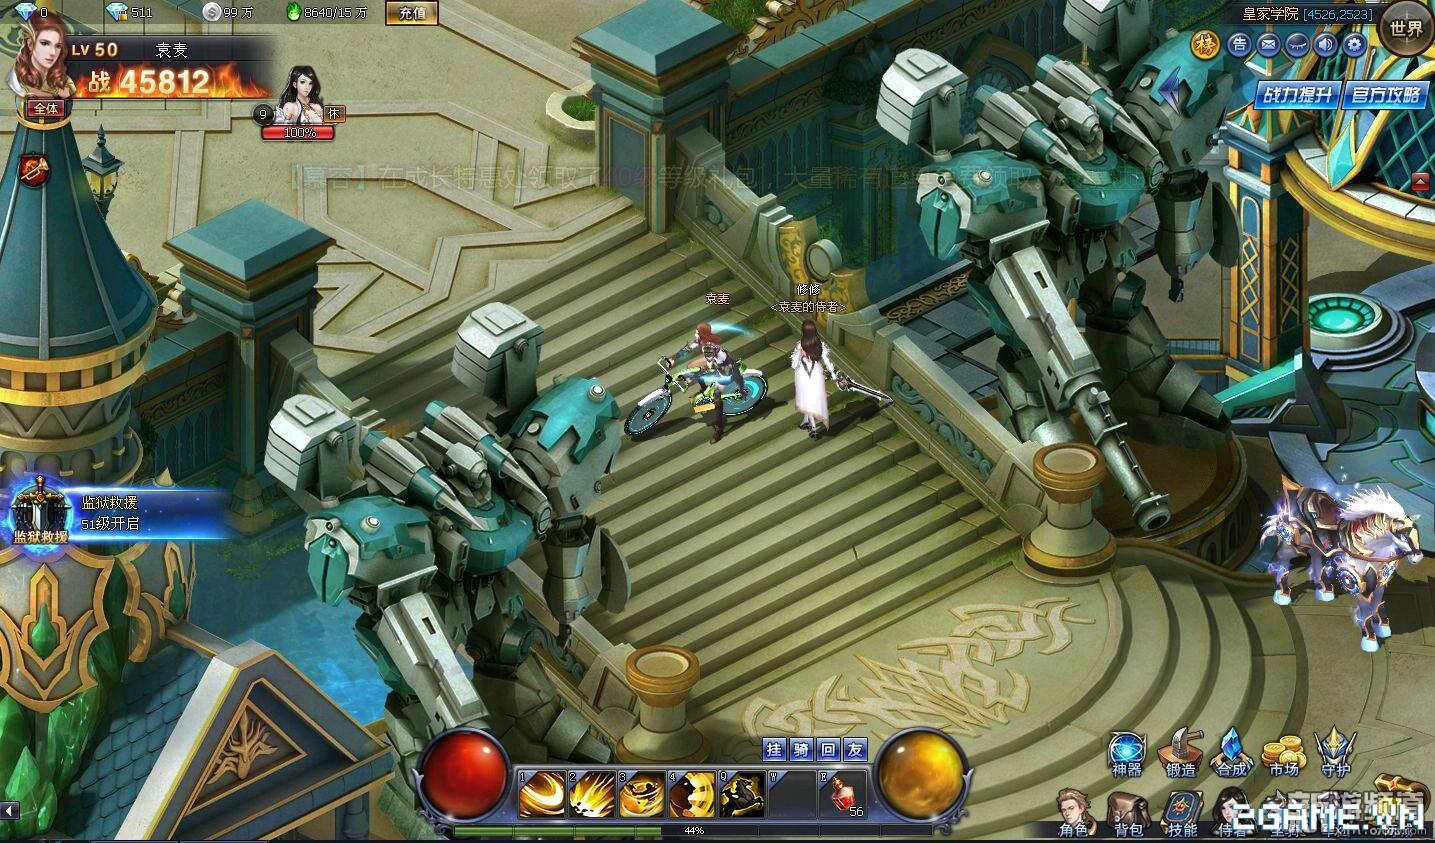 Thiên Hỏa Đại Đạo - Webgame khoa học viễn tưởng dựa theo tiểu thuyết 4